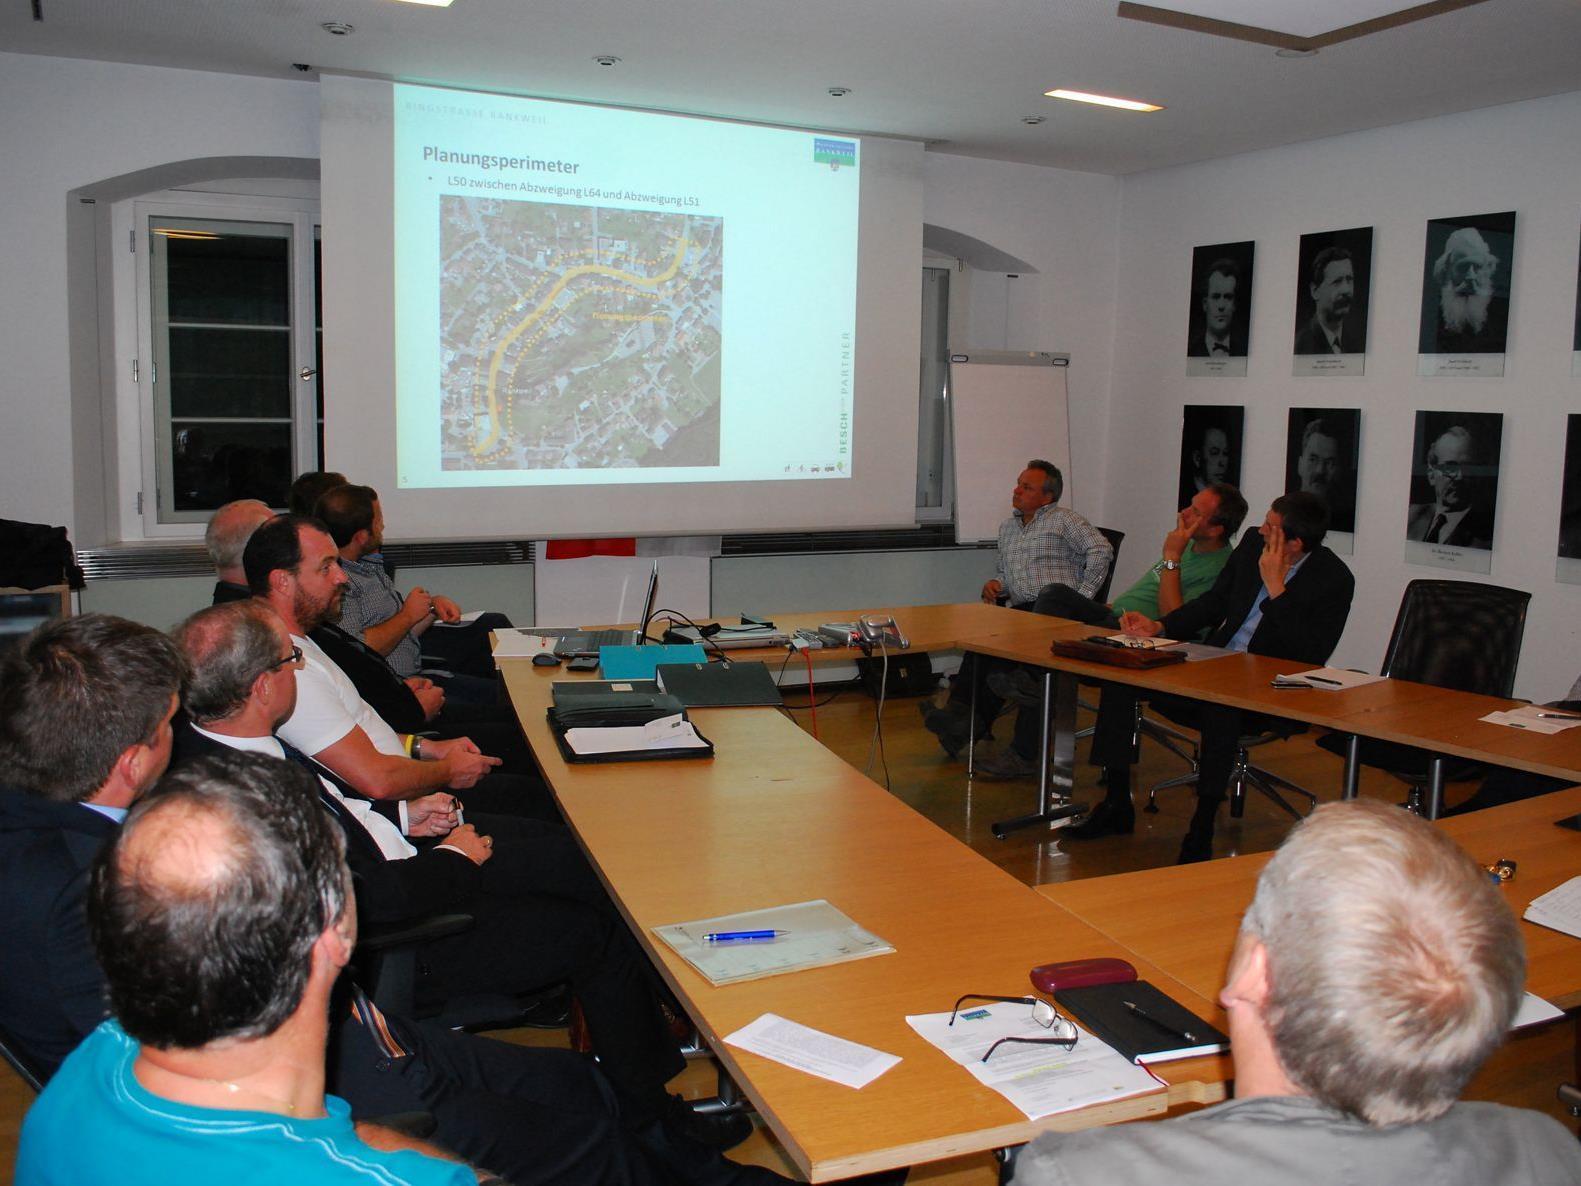 Die Arbeitsgruppe bei der Präsentation des Planungsbüros Besch & Partner